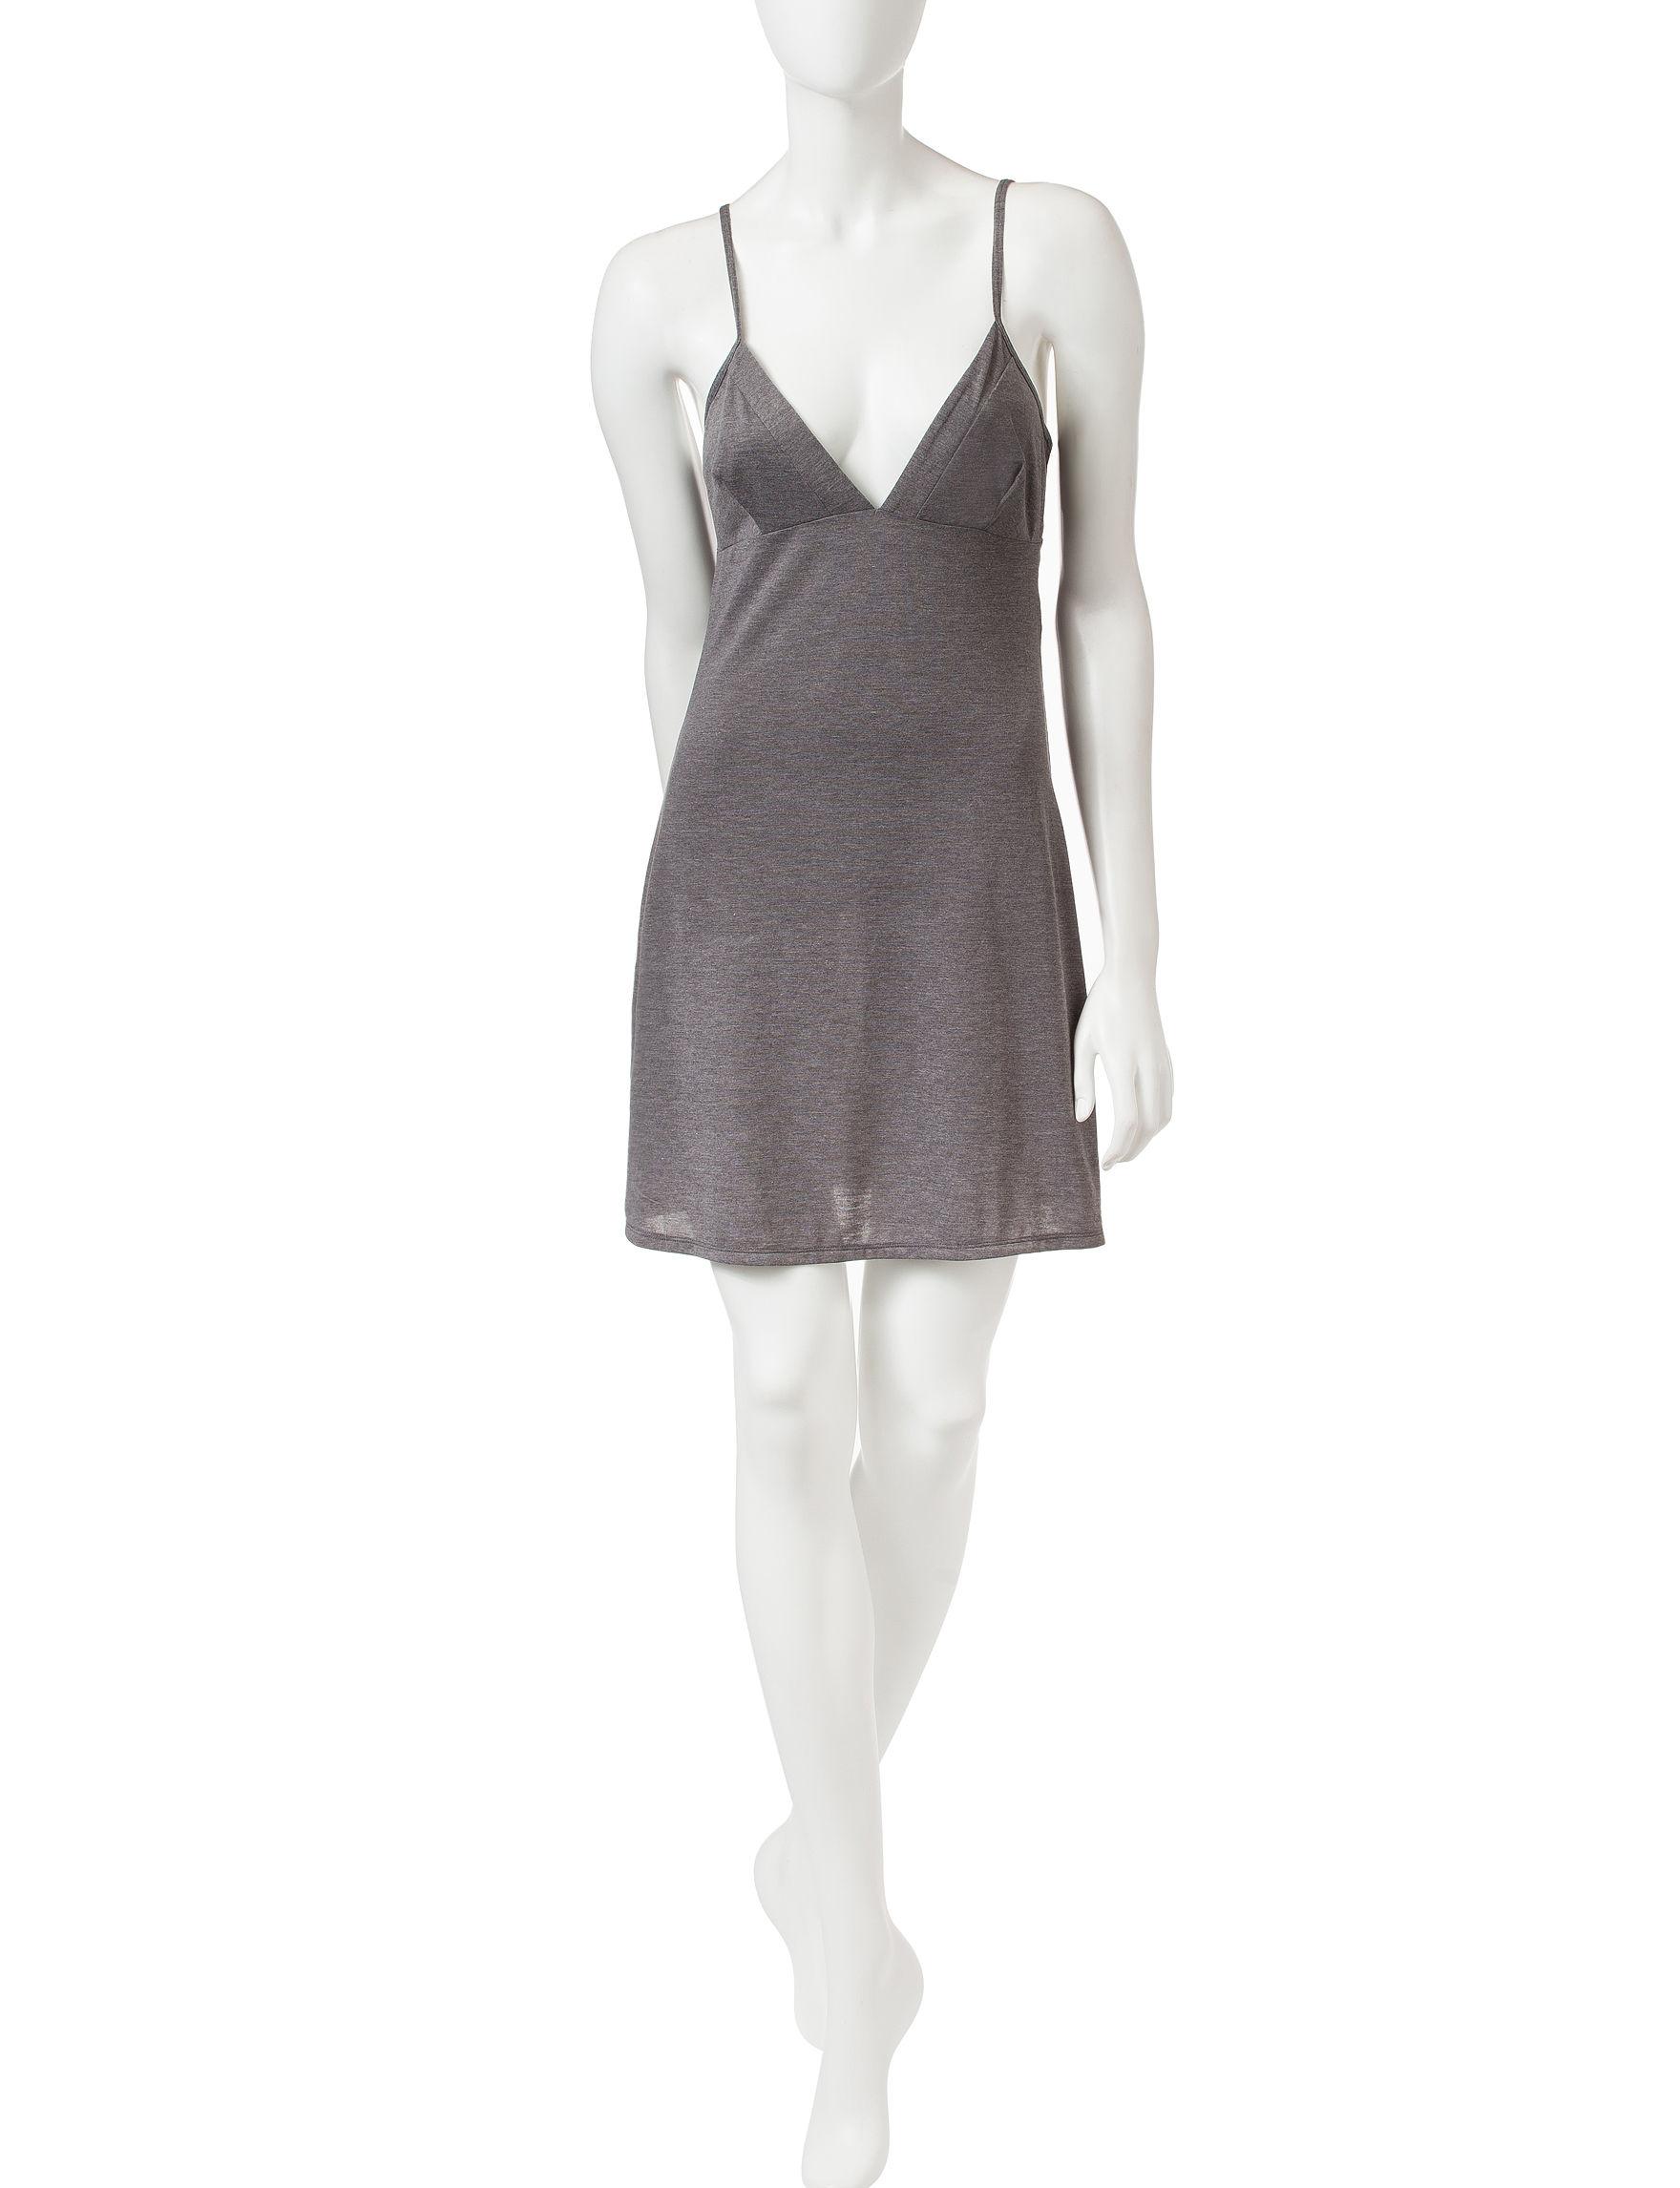 Calvin Klein Heather Grey Nightgowns & Sleep Shirts